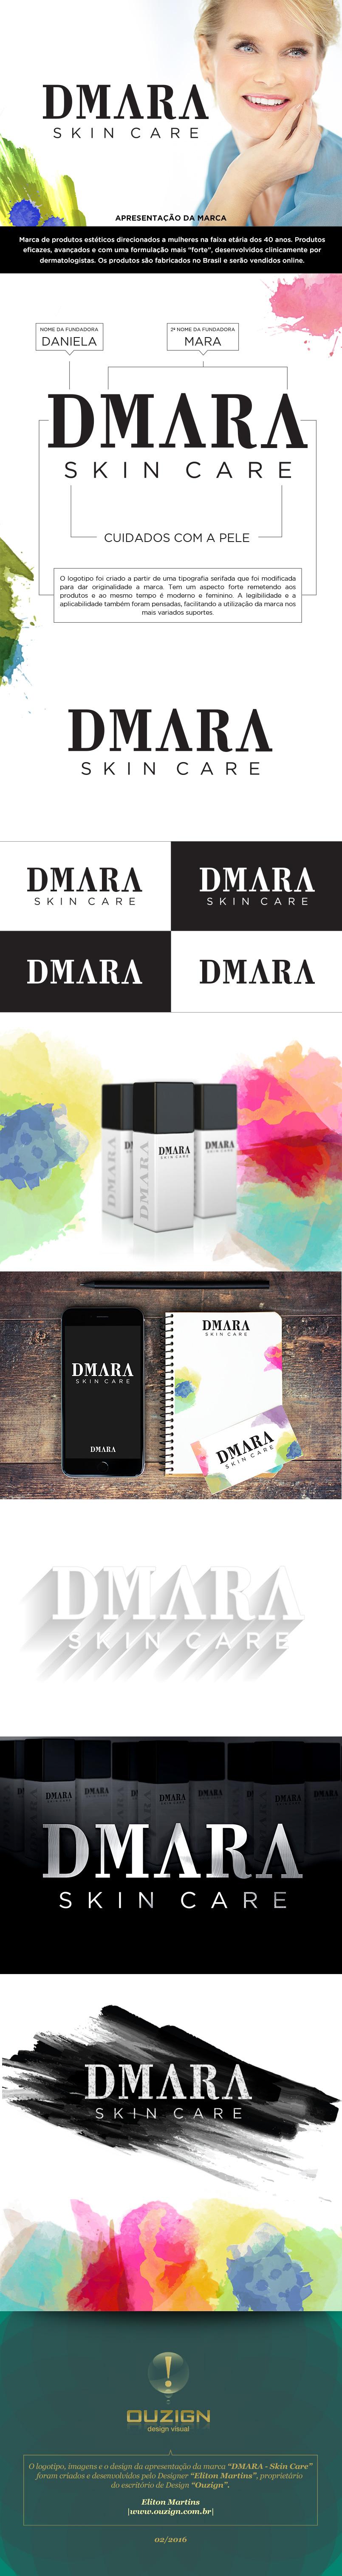 Apresentação da marca DMARA - Skin Care